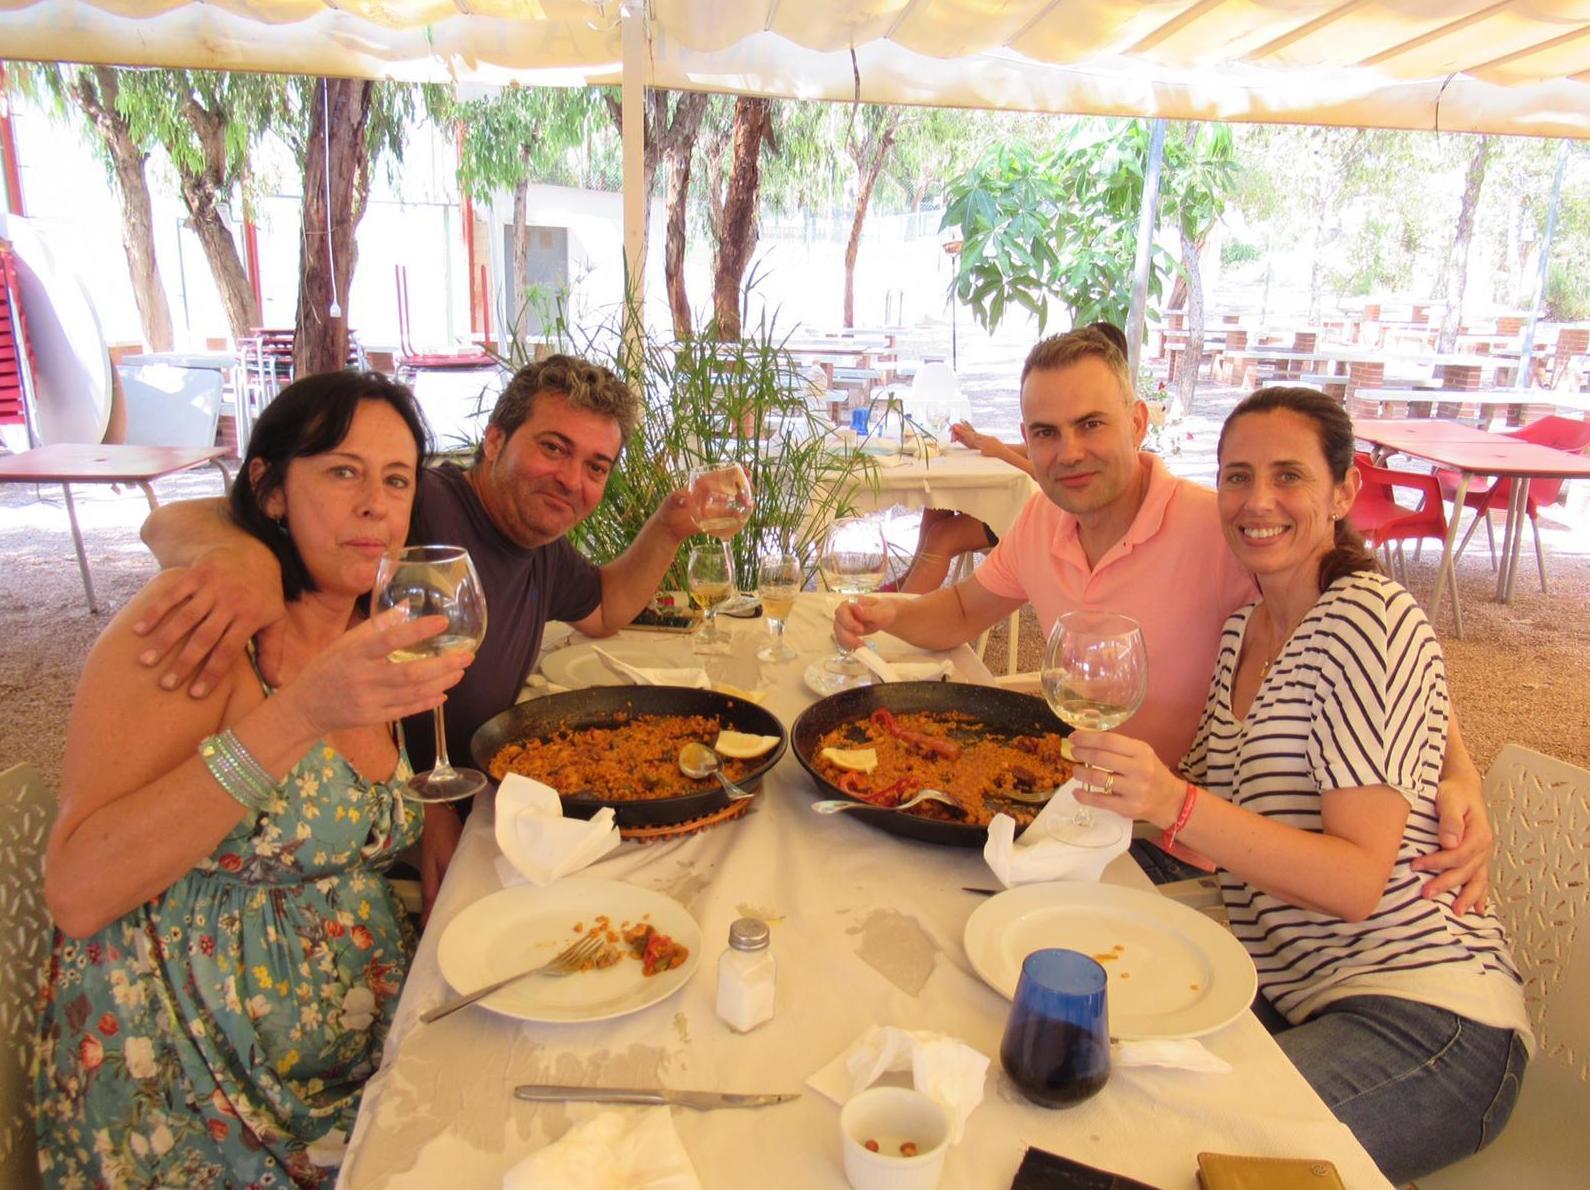 Compartiendo dos paellas, Restaurante Bonavista. Elche